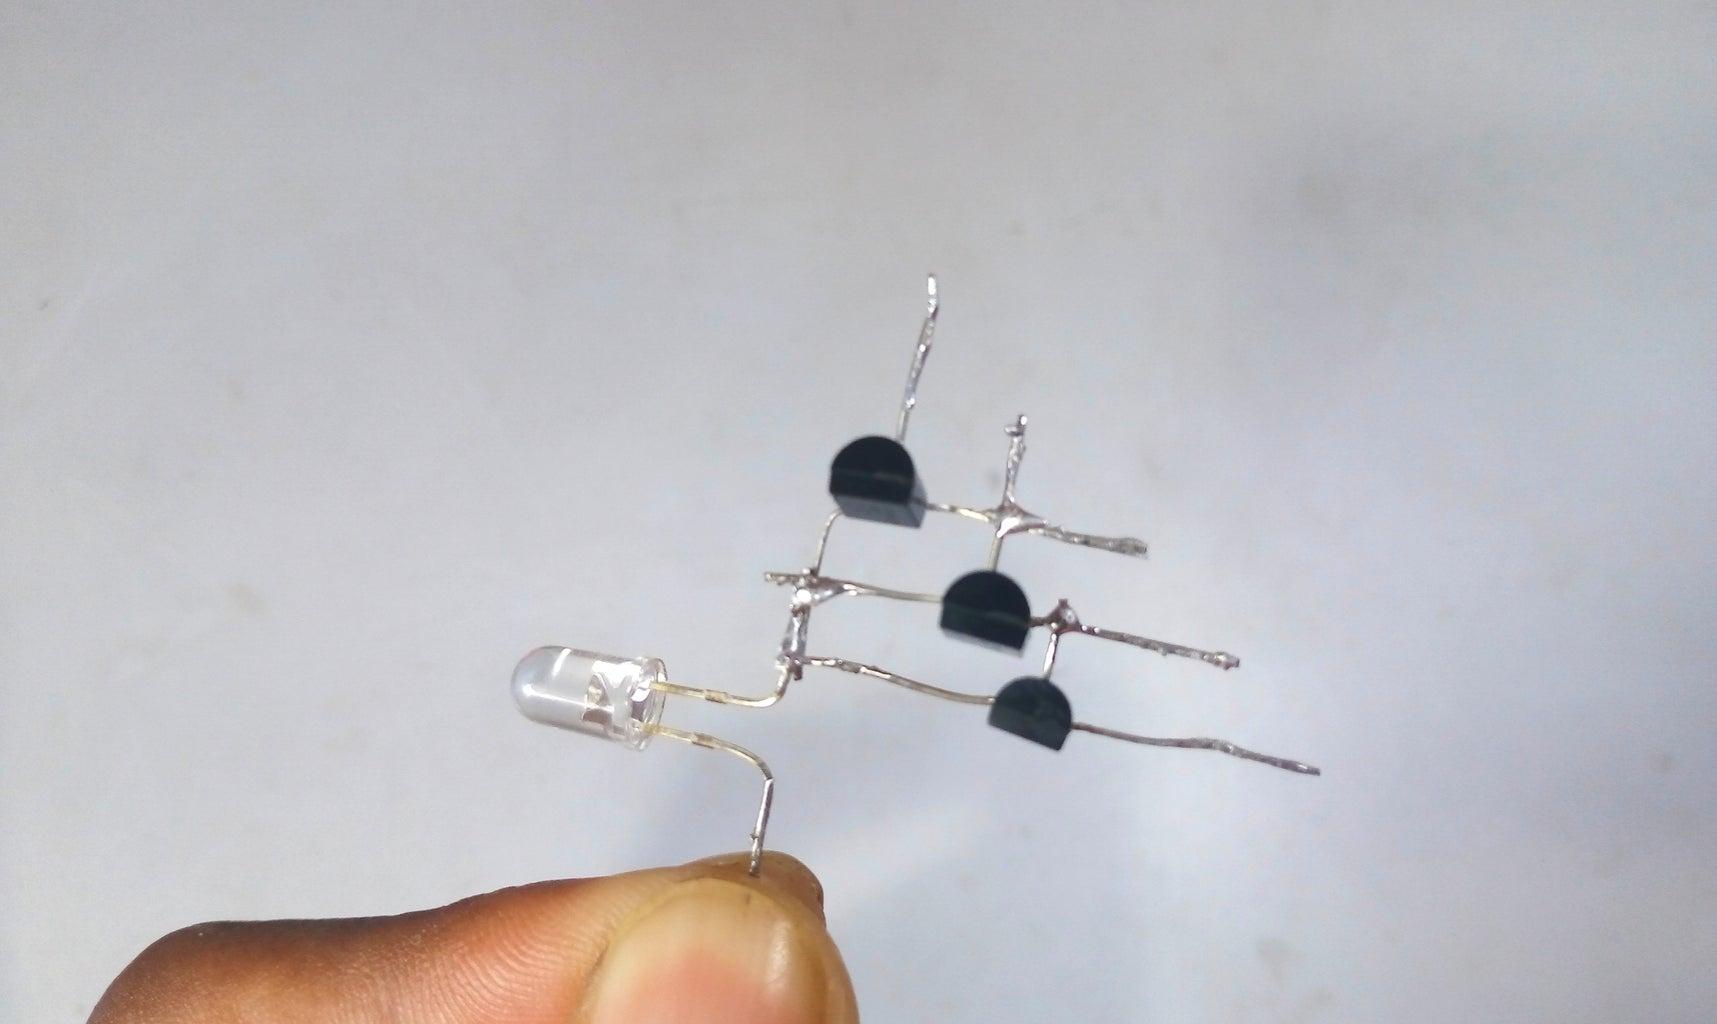 Next Solder LED and Resistor